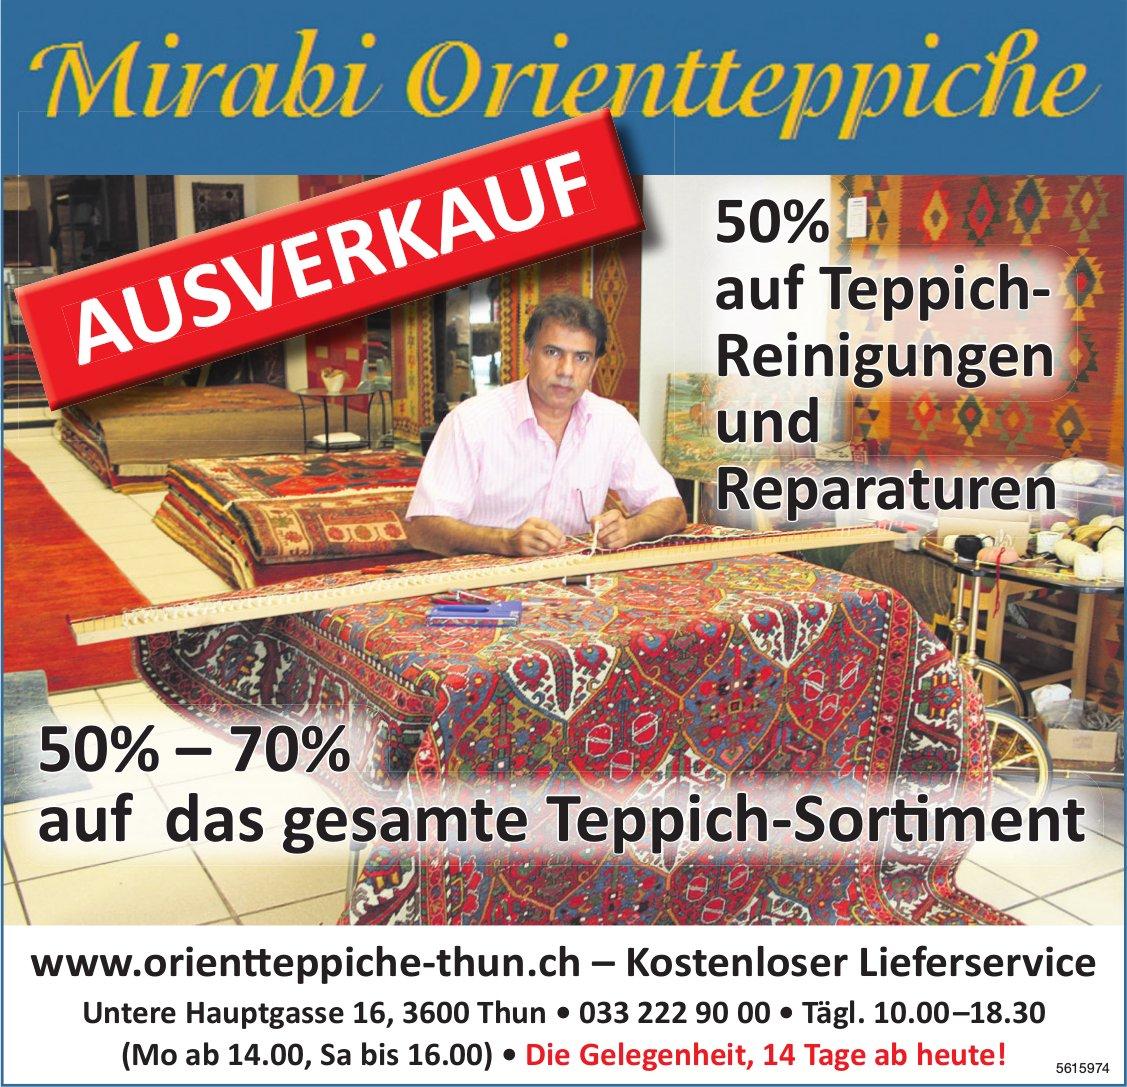 Mirabi Orientteppiche, Ausverkauf